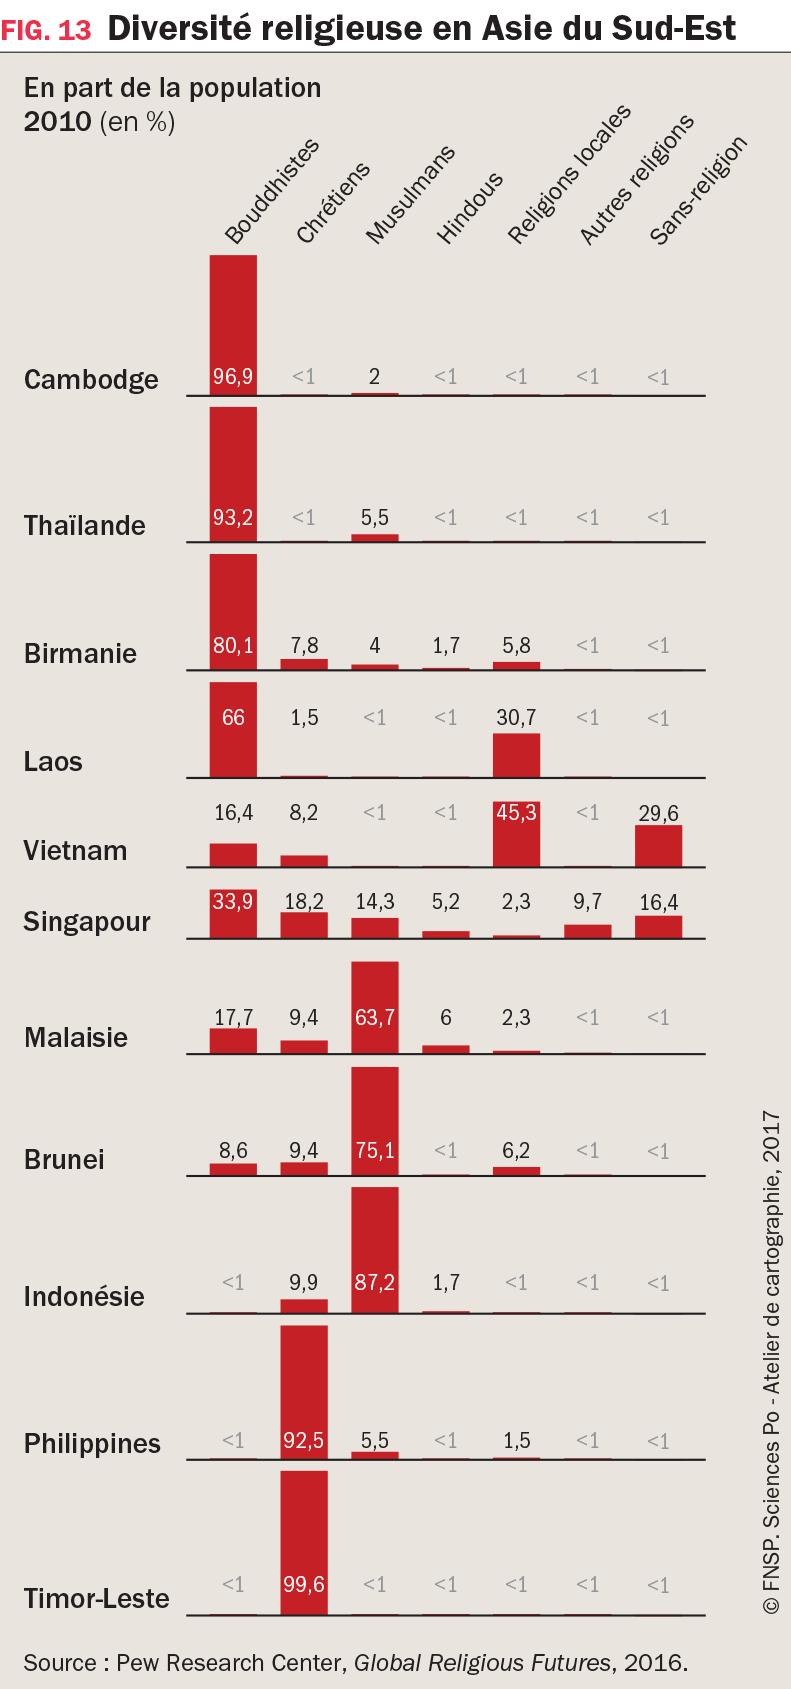 Graphique : Diversité religieuse en Asie du Sud-Est, 2010